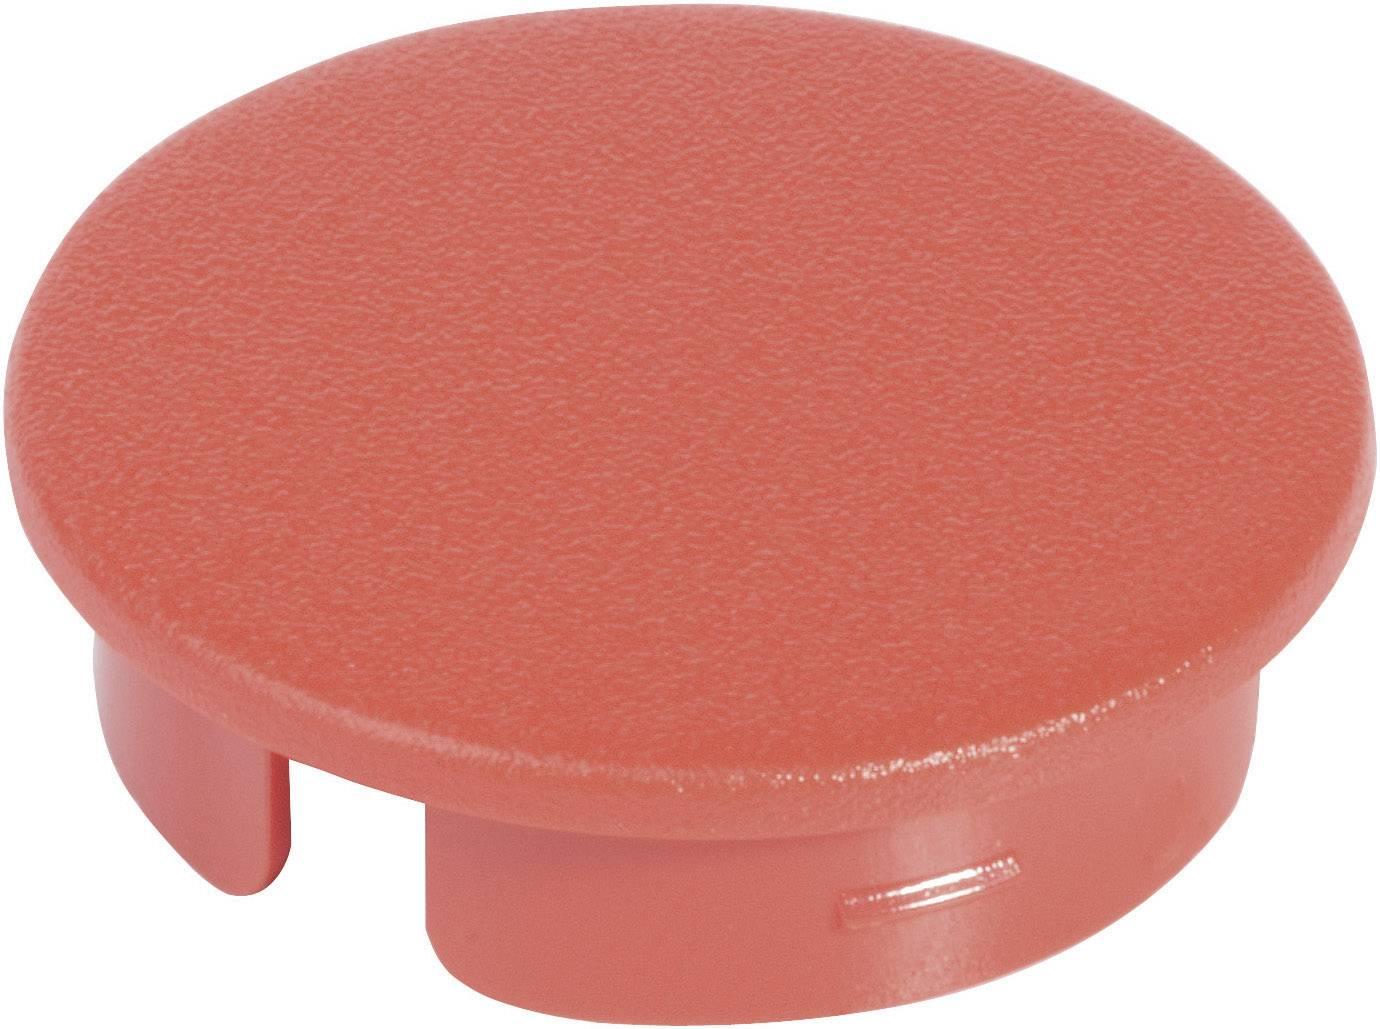 Krytka na otočný knoflík bez ukazatele OKW, pro knoflíky/O 40 mm, červená